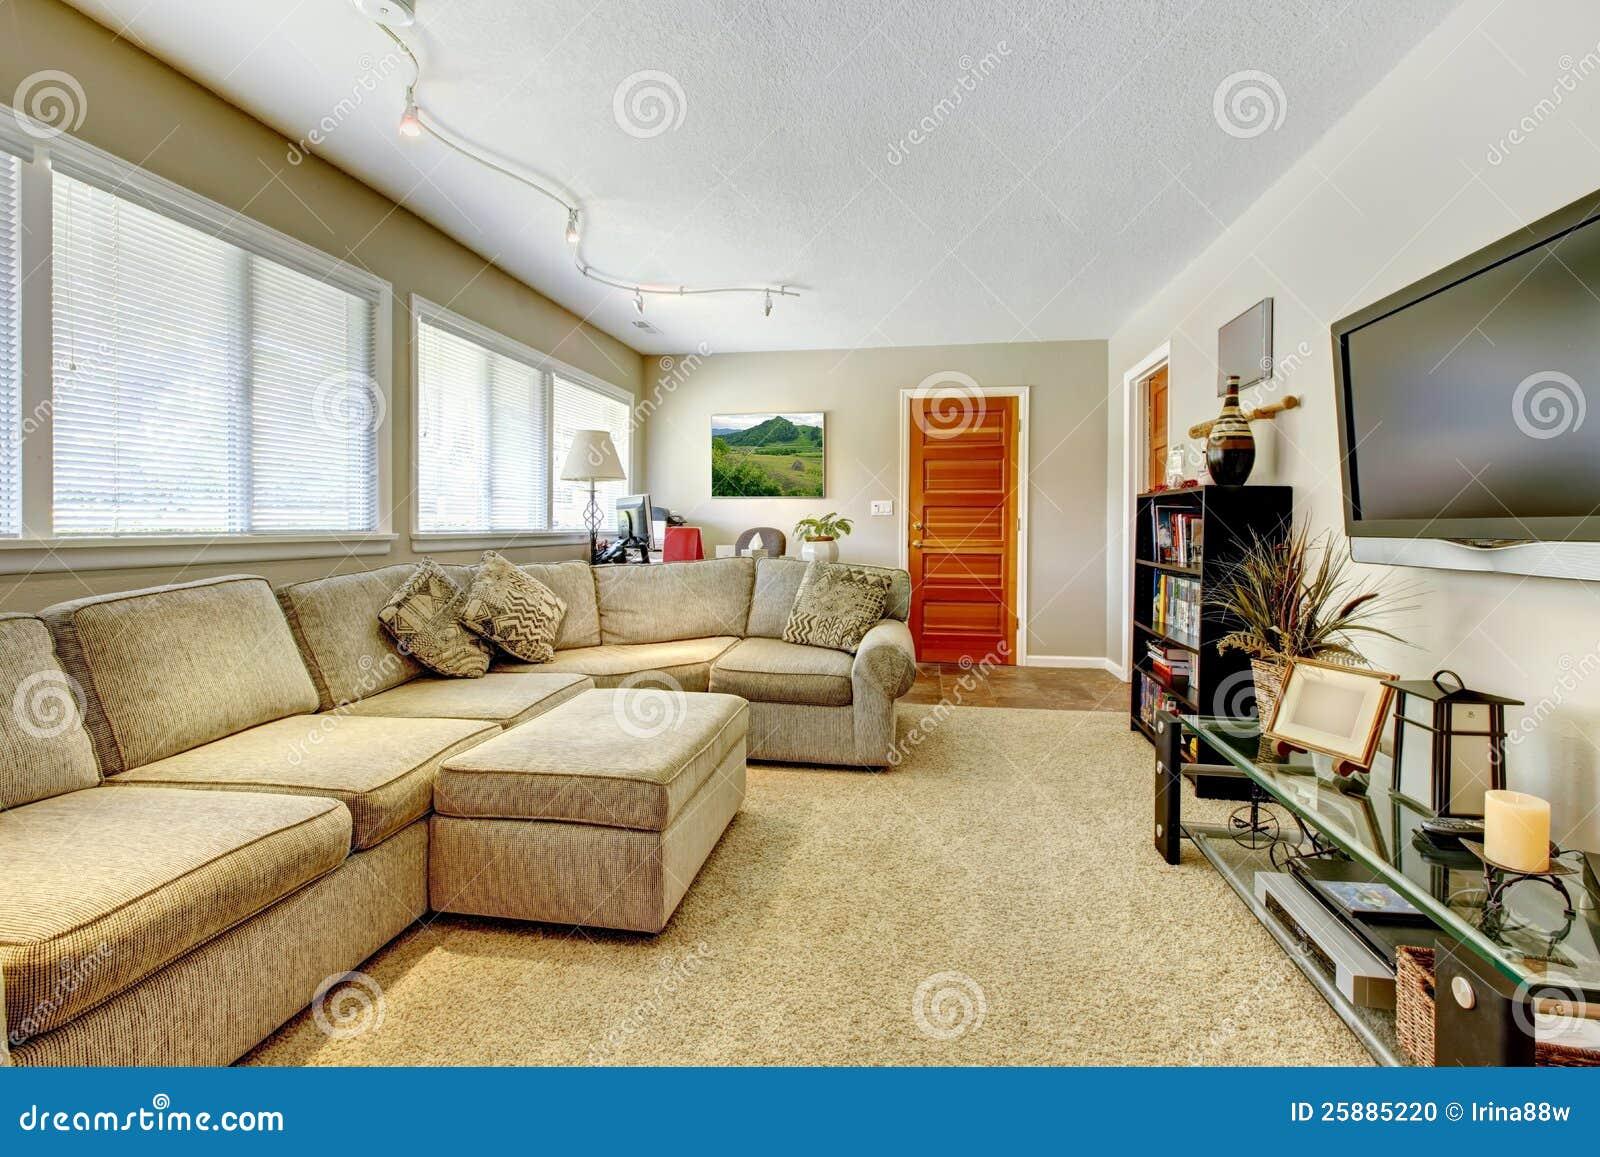 Couleur Salle De Sejour salle de séjour normale de couleurs avec la tv et le grand